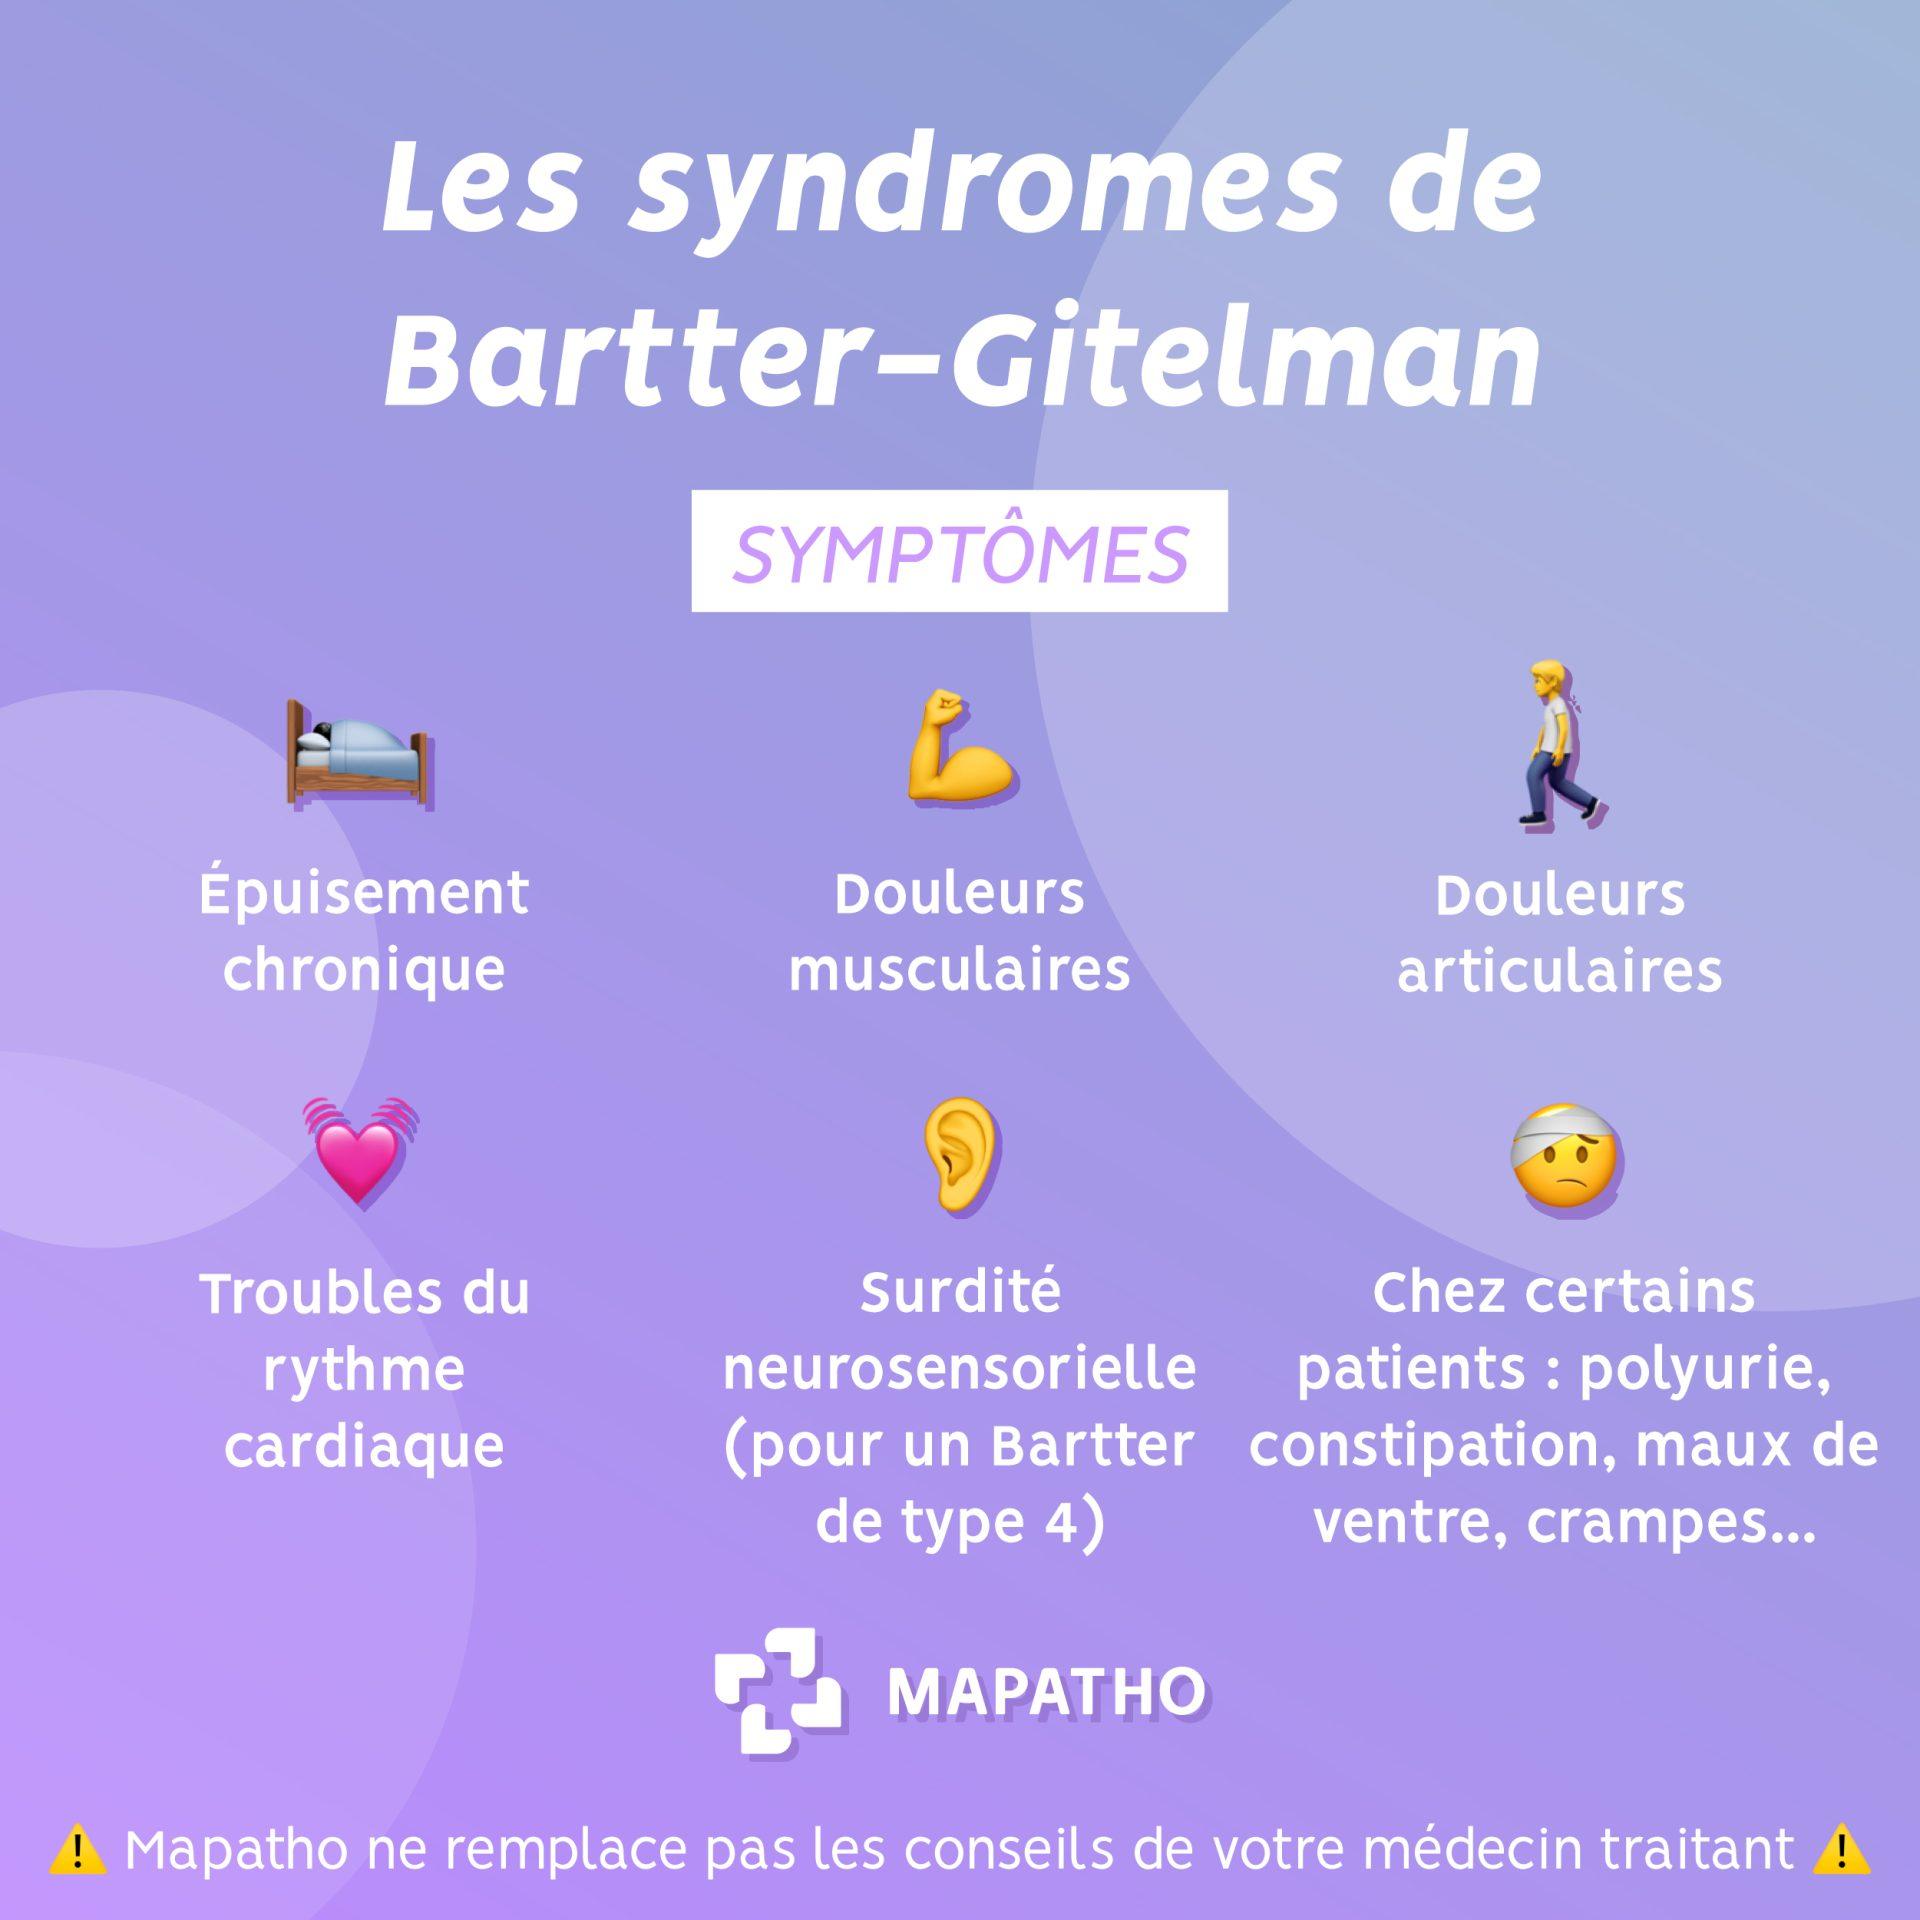 Les symptomes des syndromes de Gitelman et de Bartter